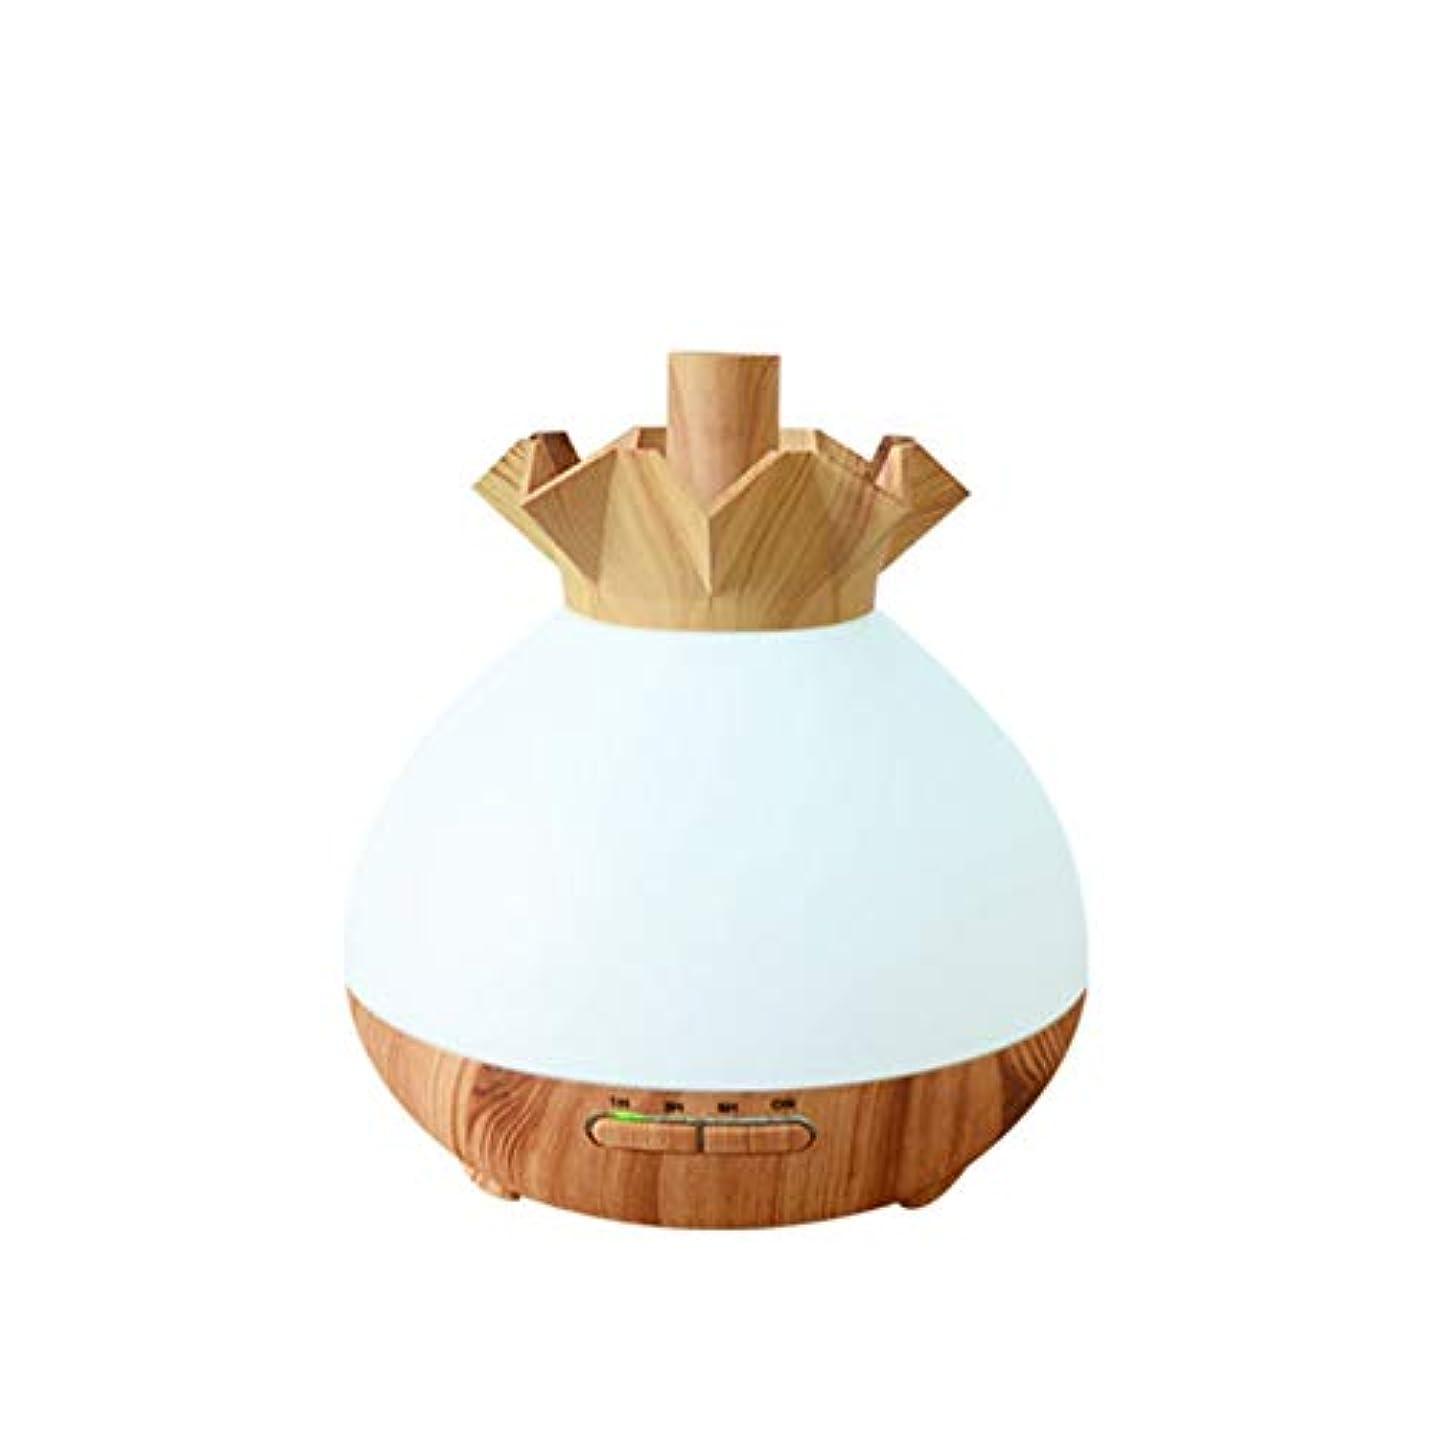 行商定規素晴らしさWifiアプリコントロール 涼しい霧 加湿器,7 色 木目 空気を浄化 加湿機 プレミアム サイレント 精油 ディフューザー アロマネブライザー ベッド- 400ml